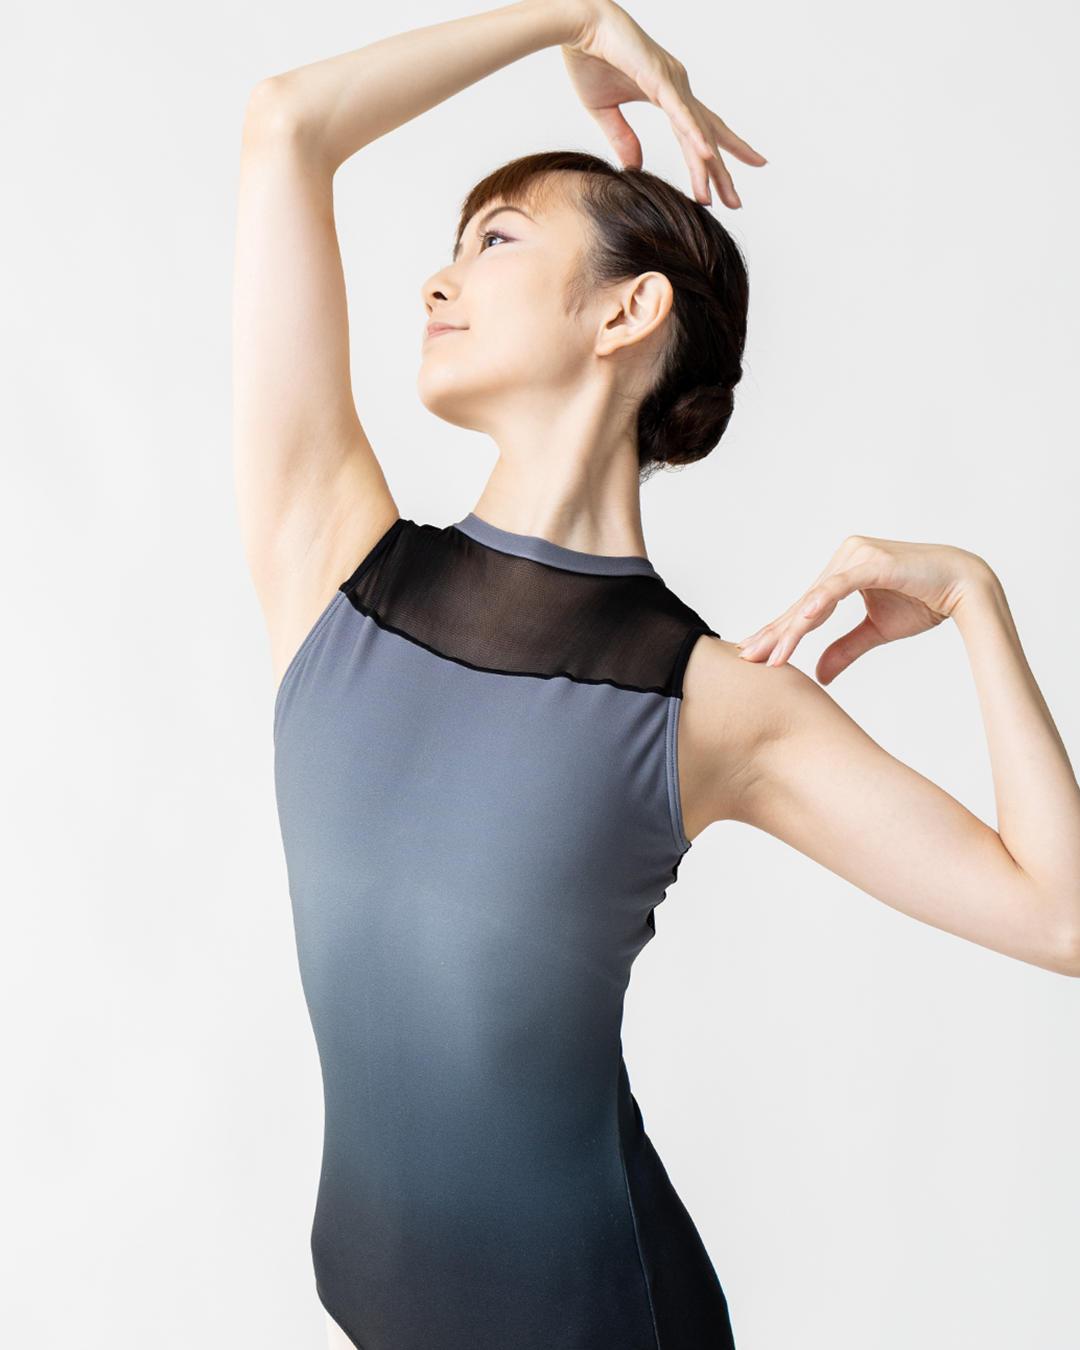 0909_ballet_new_2.jpg